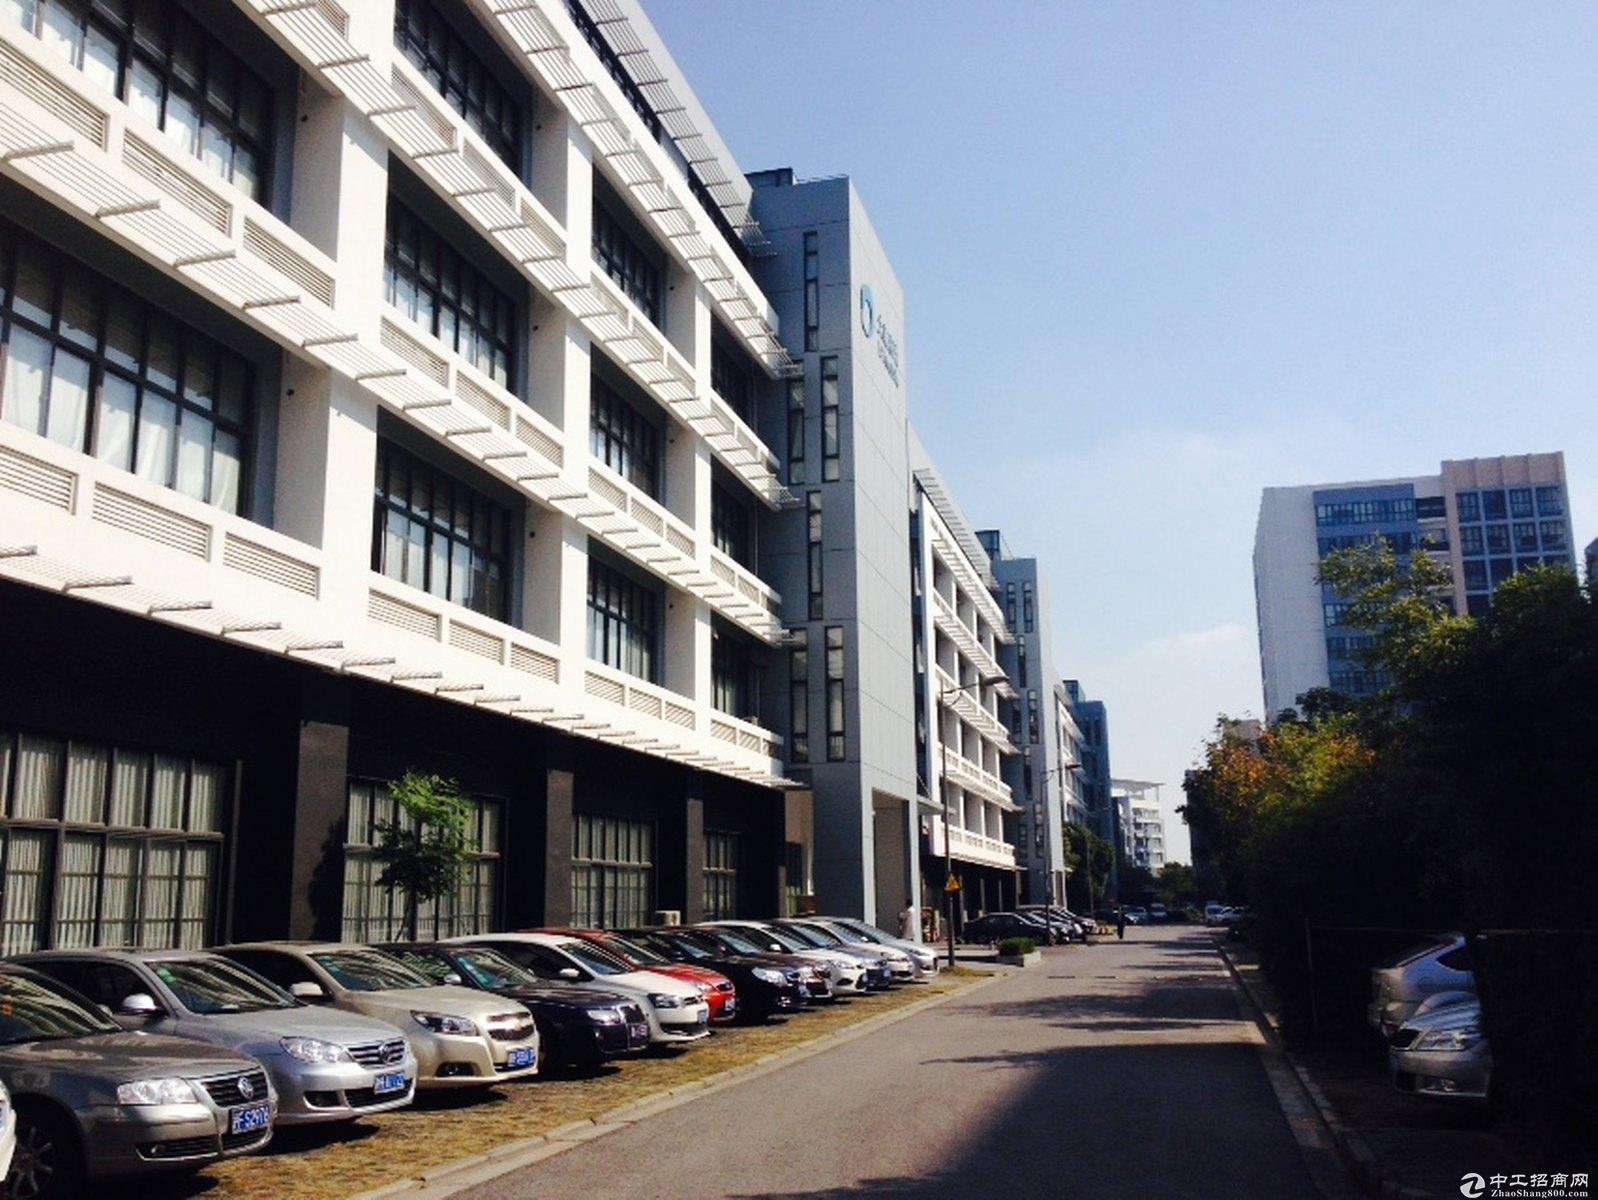 安亭大众汽车厂精装独栋办公研发厂房1254平米